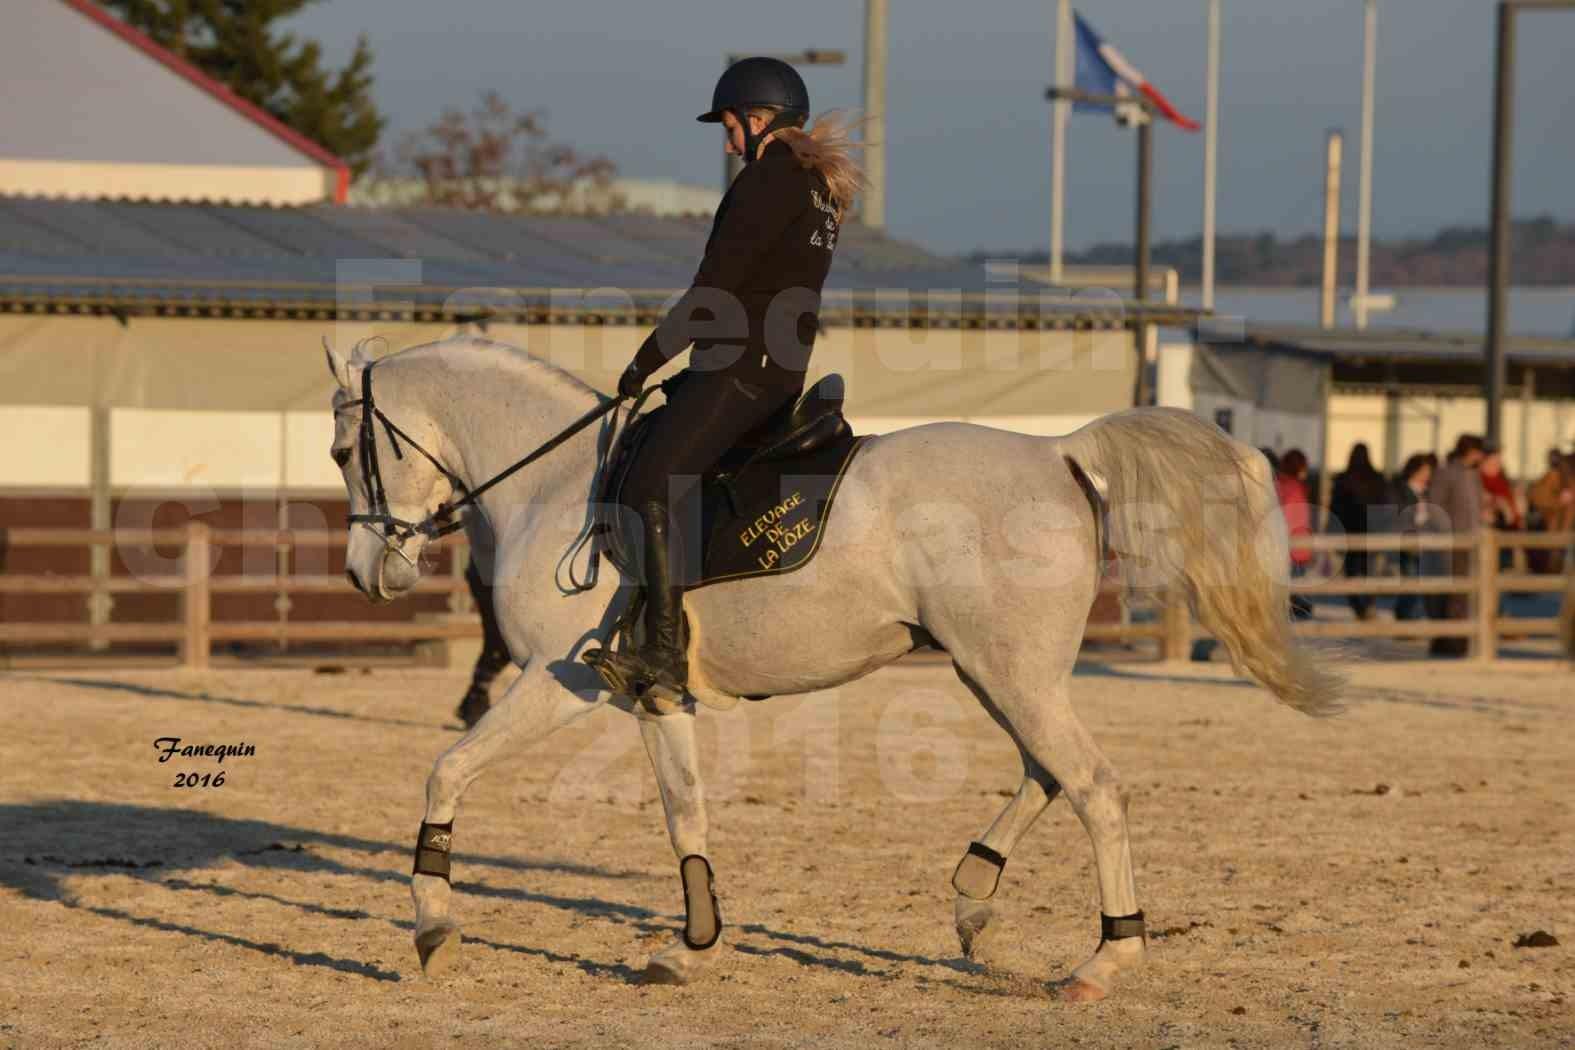 Cheval Passion 2016 - Présentation extérieure de chevaux Arabes montés - 21